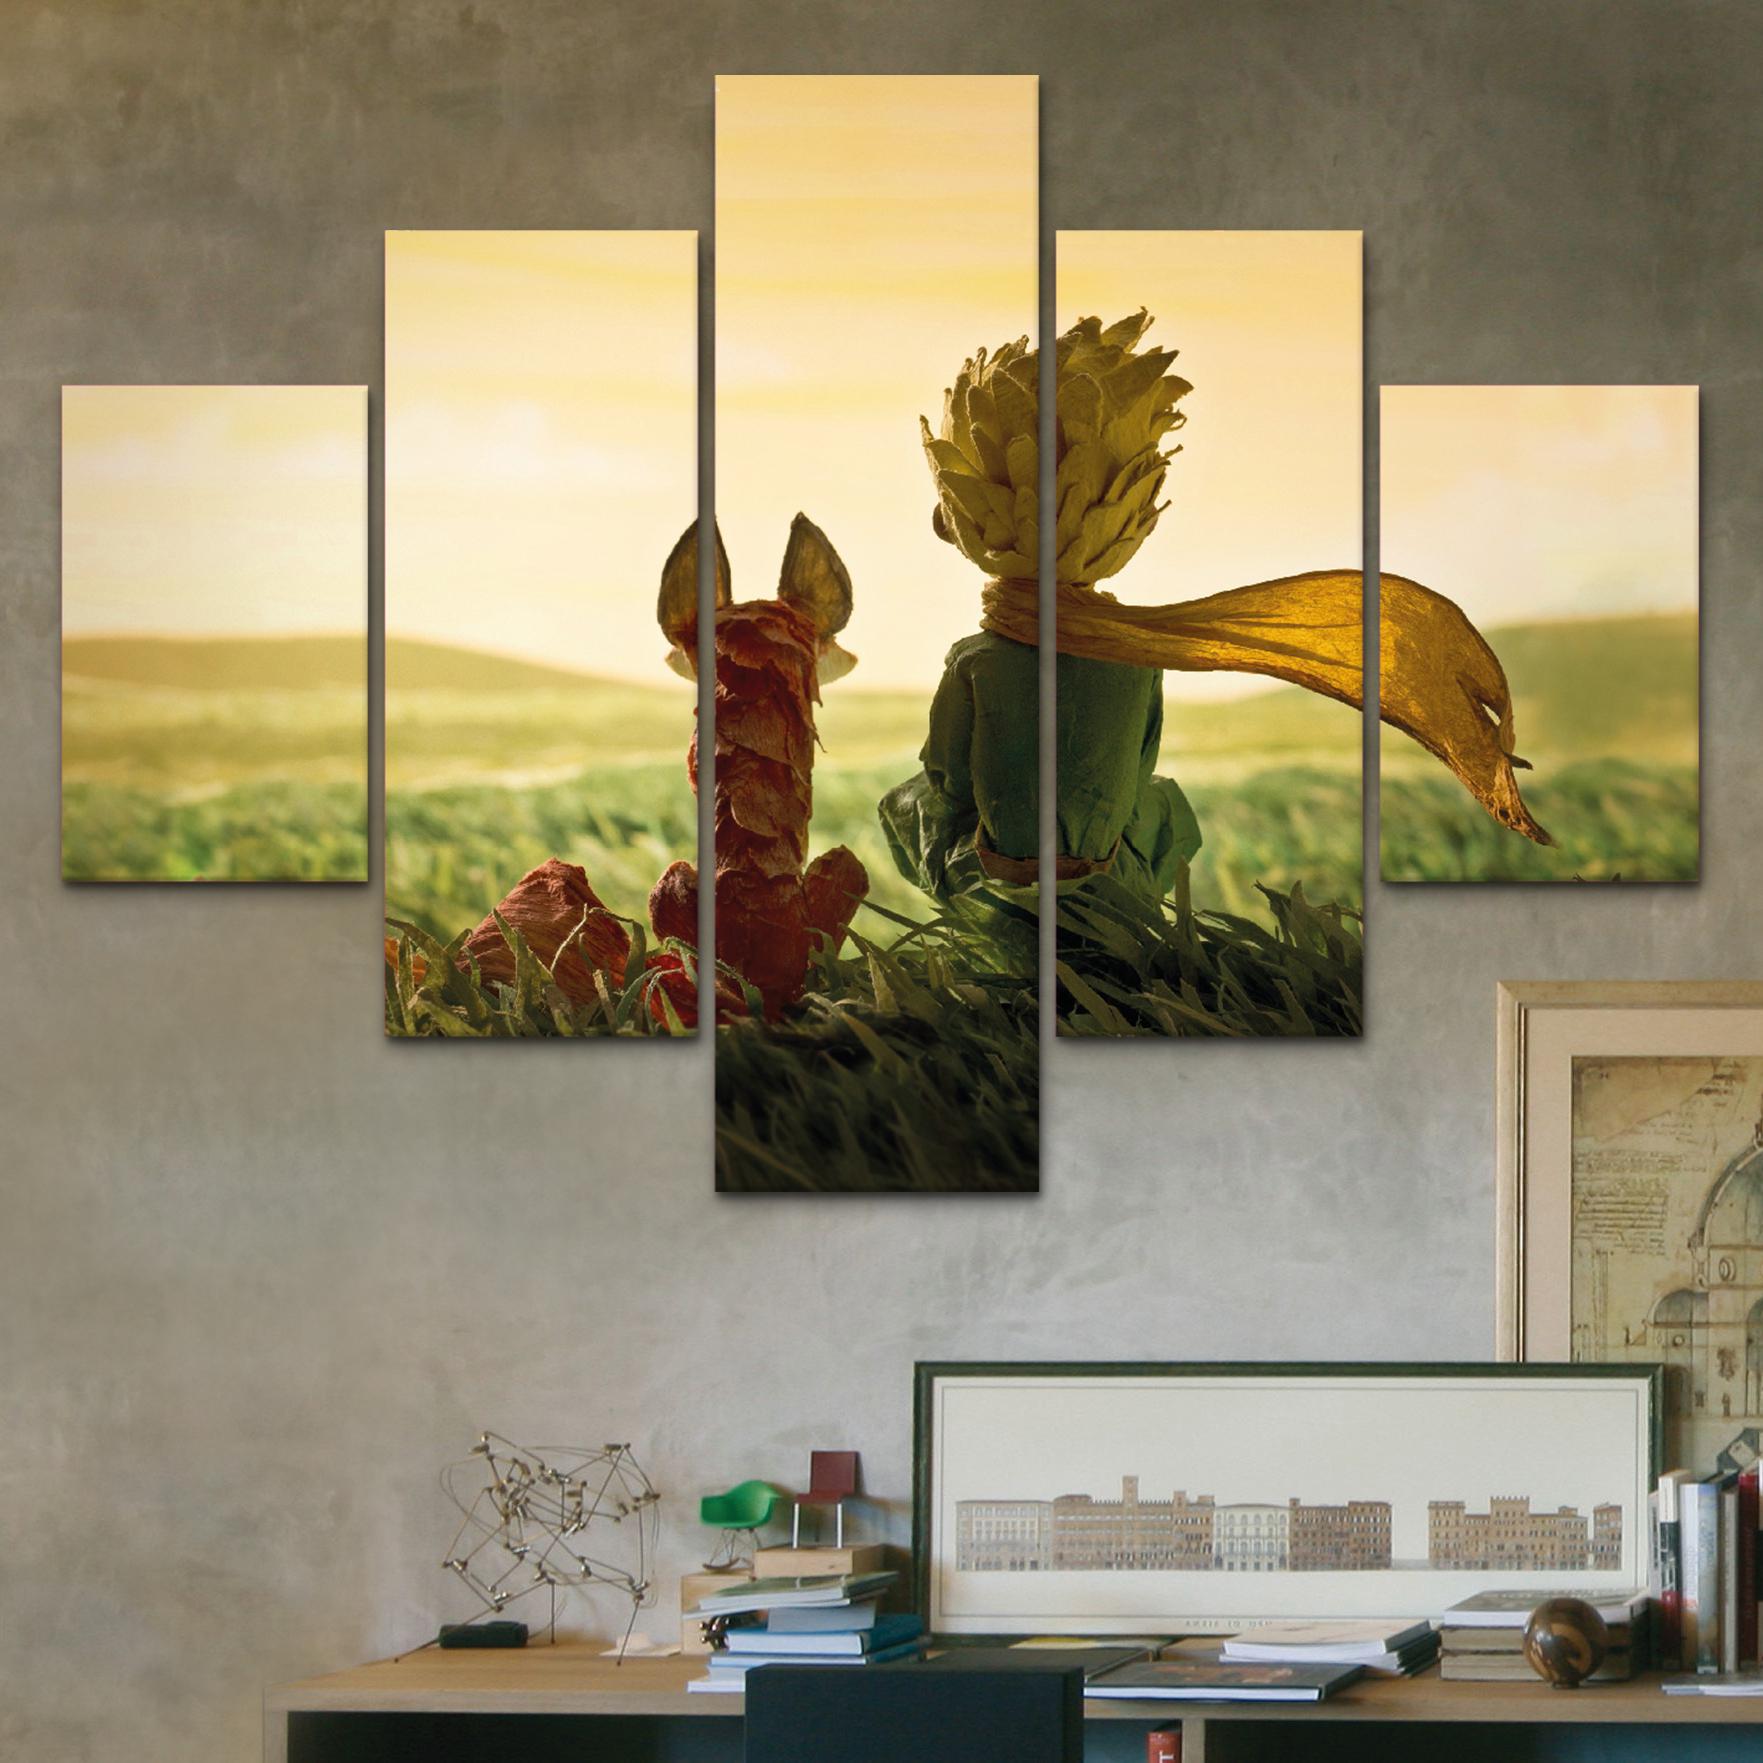 Principito con zorro 110 cm x 70 cm cuadros decorativos for Donde puedo comprar cuadros decorativos